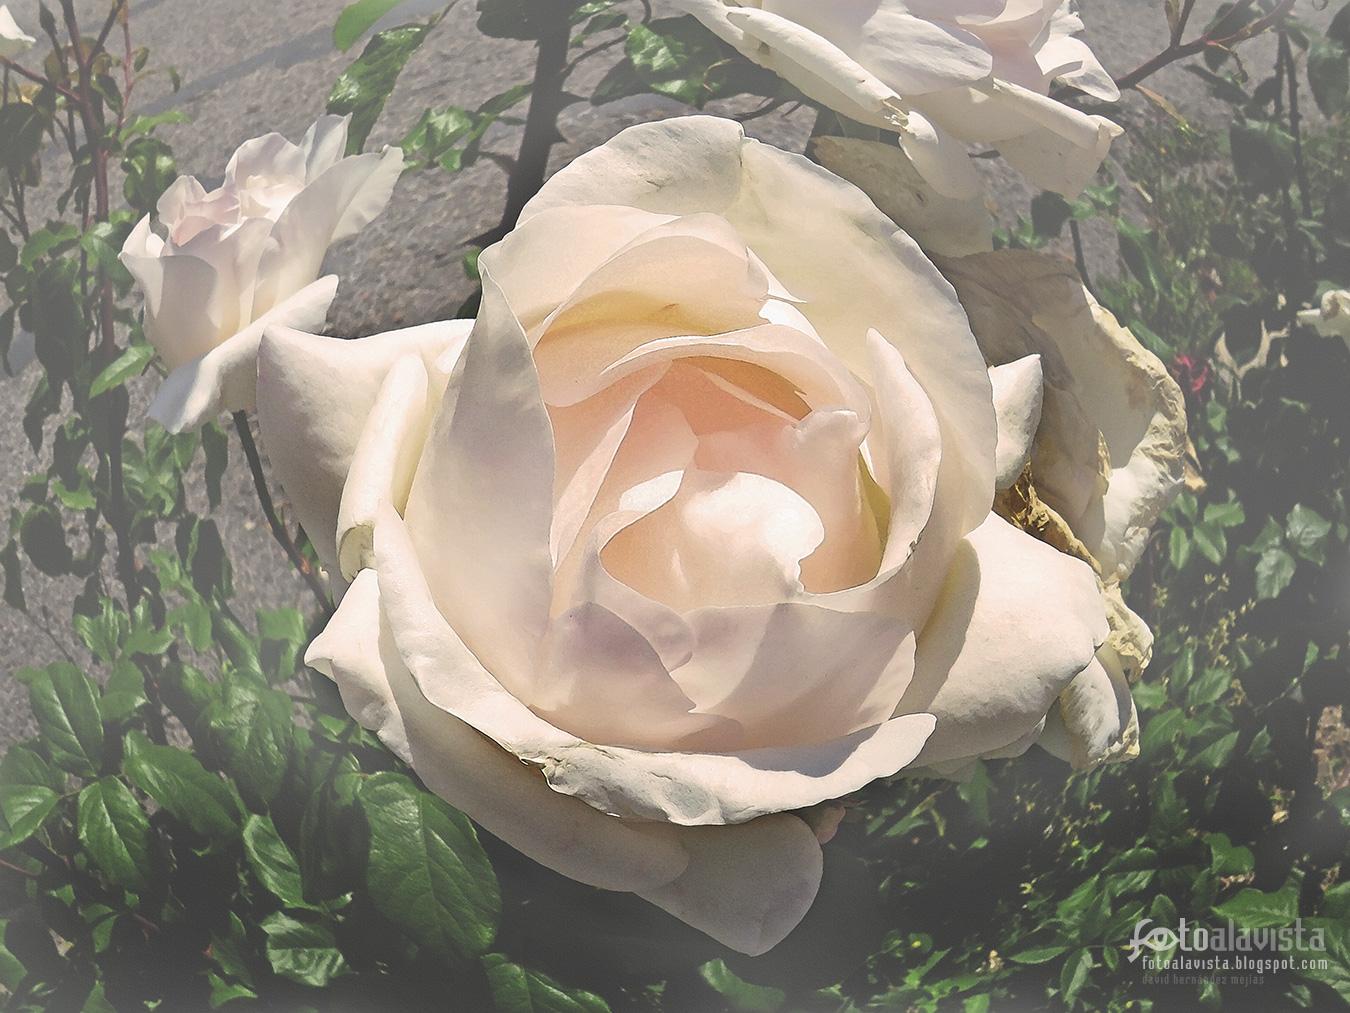 Rosa blanca esférica romántica - Fotografía